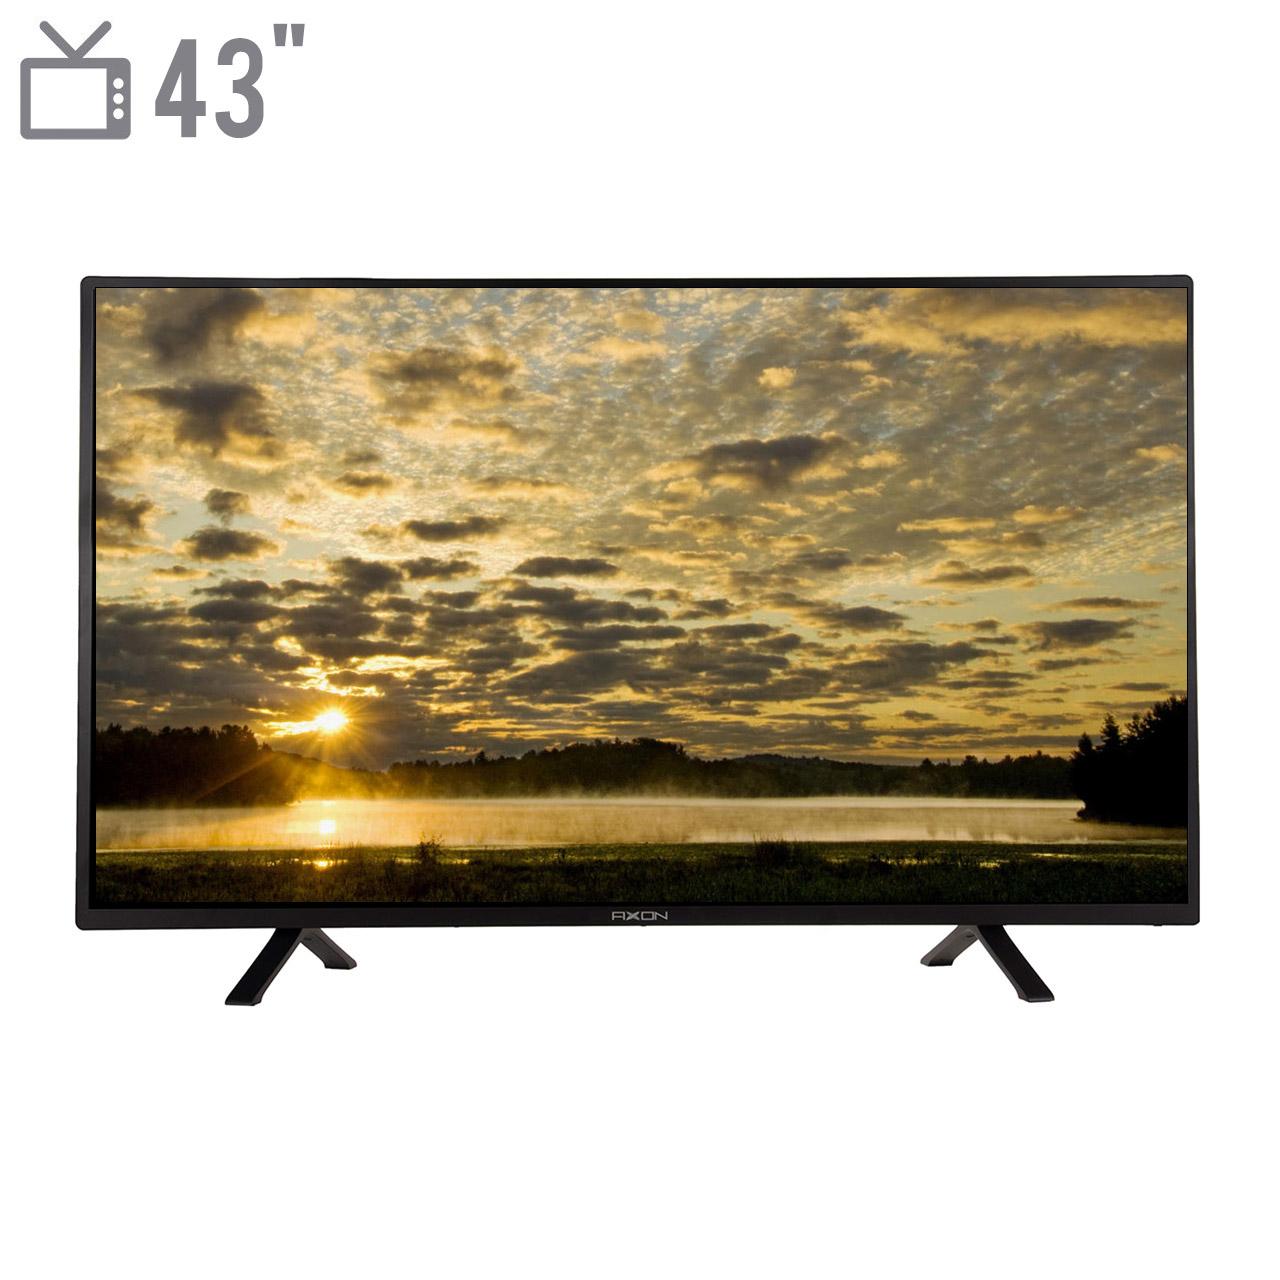 تلویزیون ال ای دی آکسون مدل XT-4383 سایز 43 اینچ